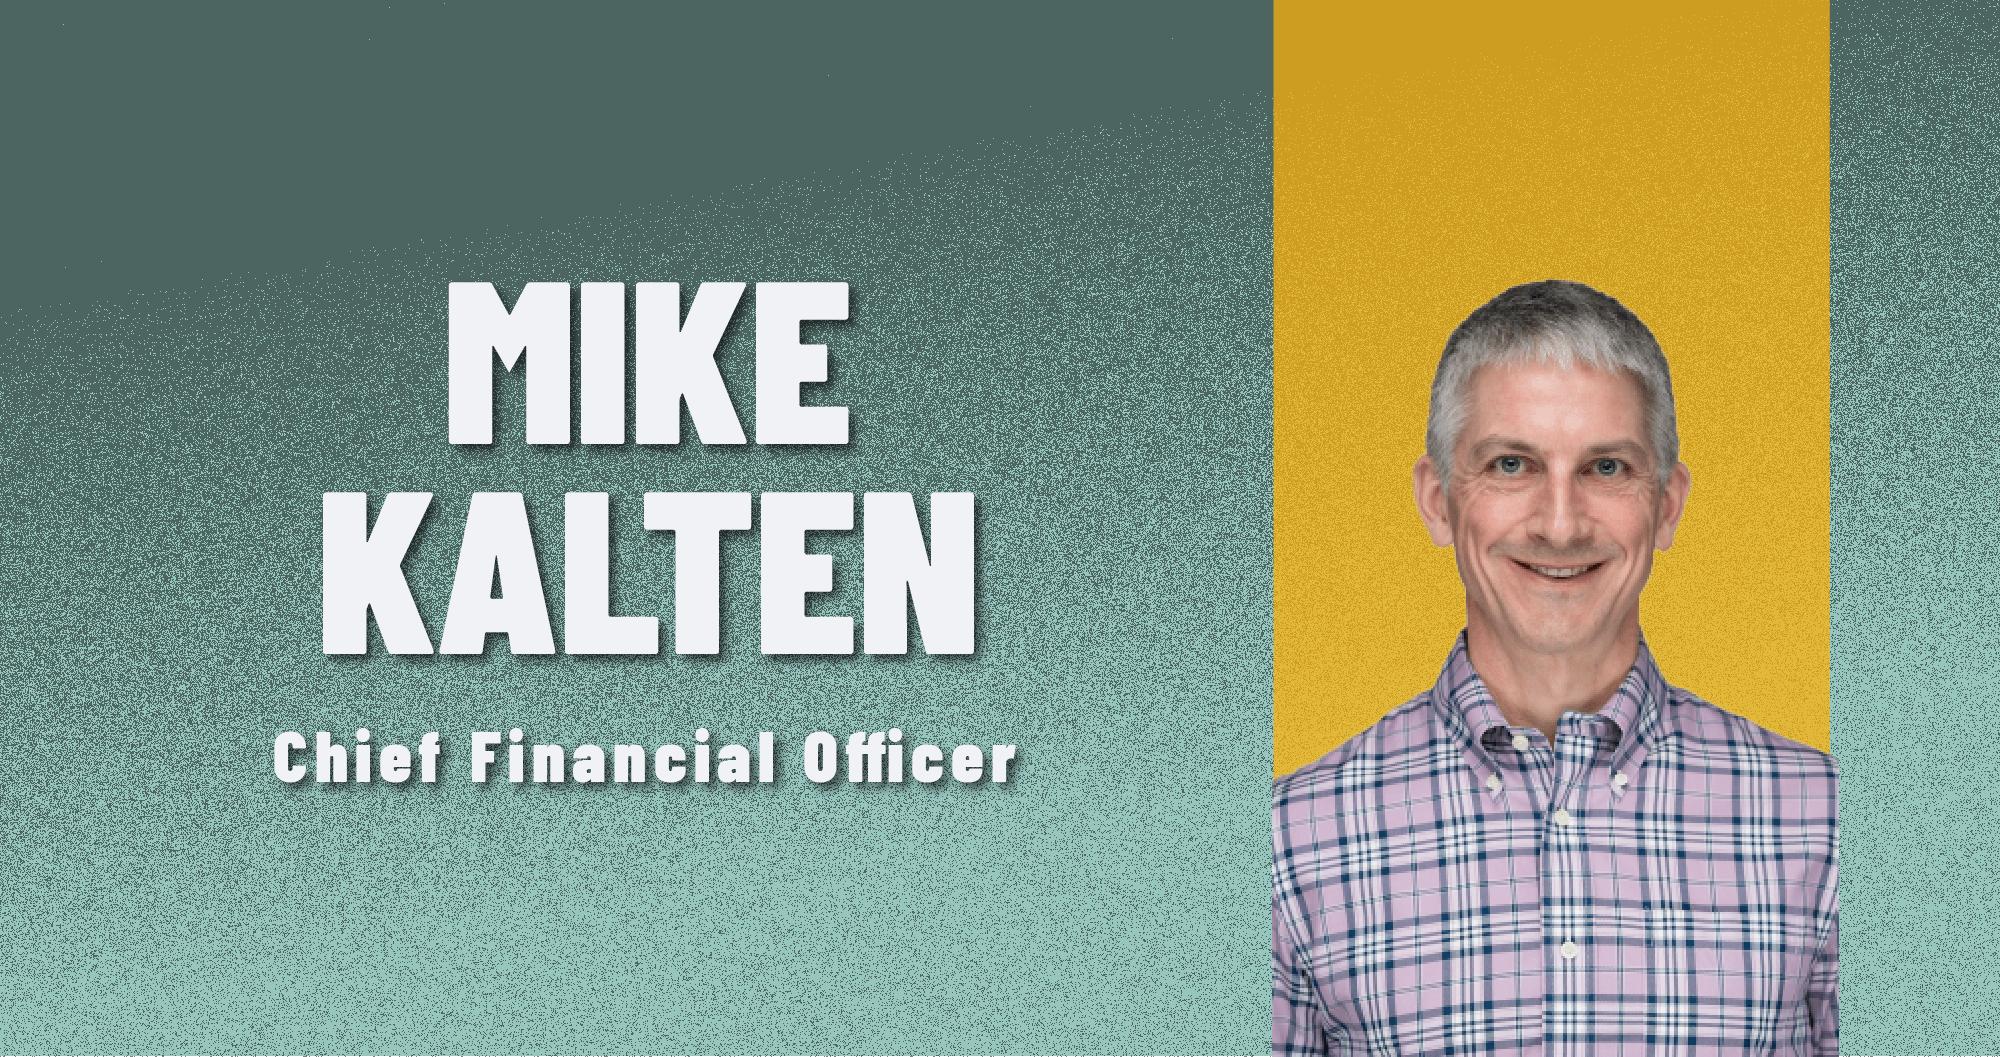 Mike Kalten X-Mode CFO Chief Financial Officer